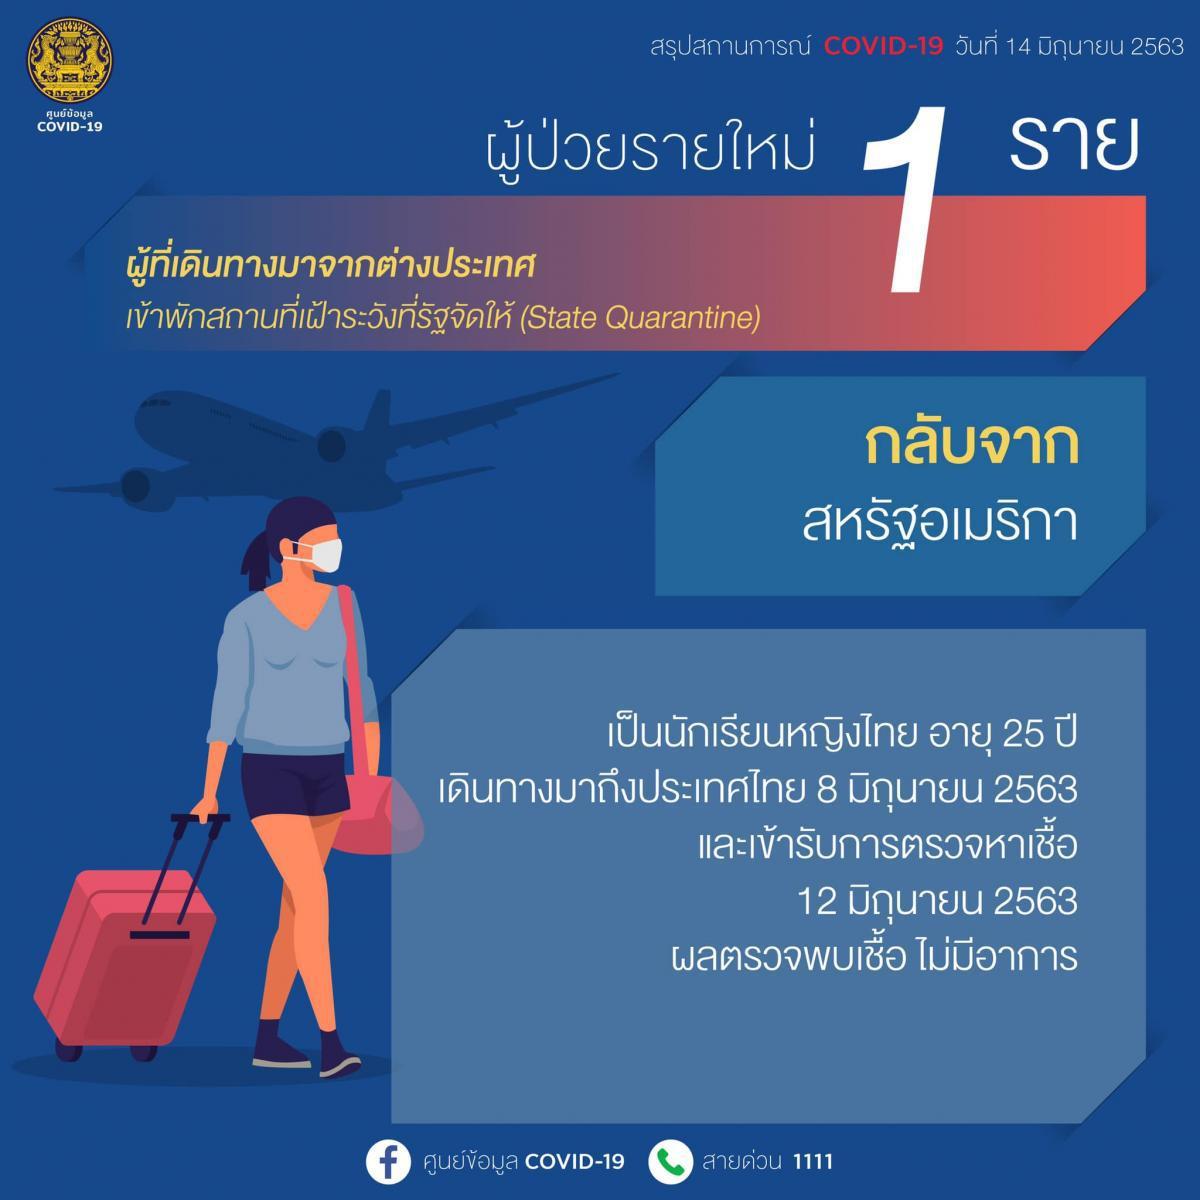 อัพเดตโควิด-19 ศบค.เผย พบผู้ติดเชื้อรายใหม่ เป็นนักเรียนไทยกลับจากอเมริกา เปิด 5 ประเทศวิกฤต